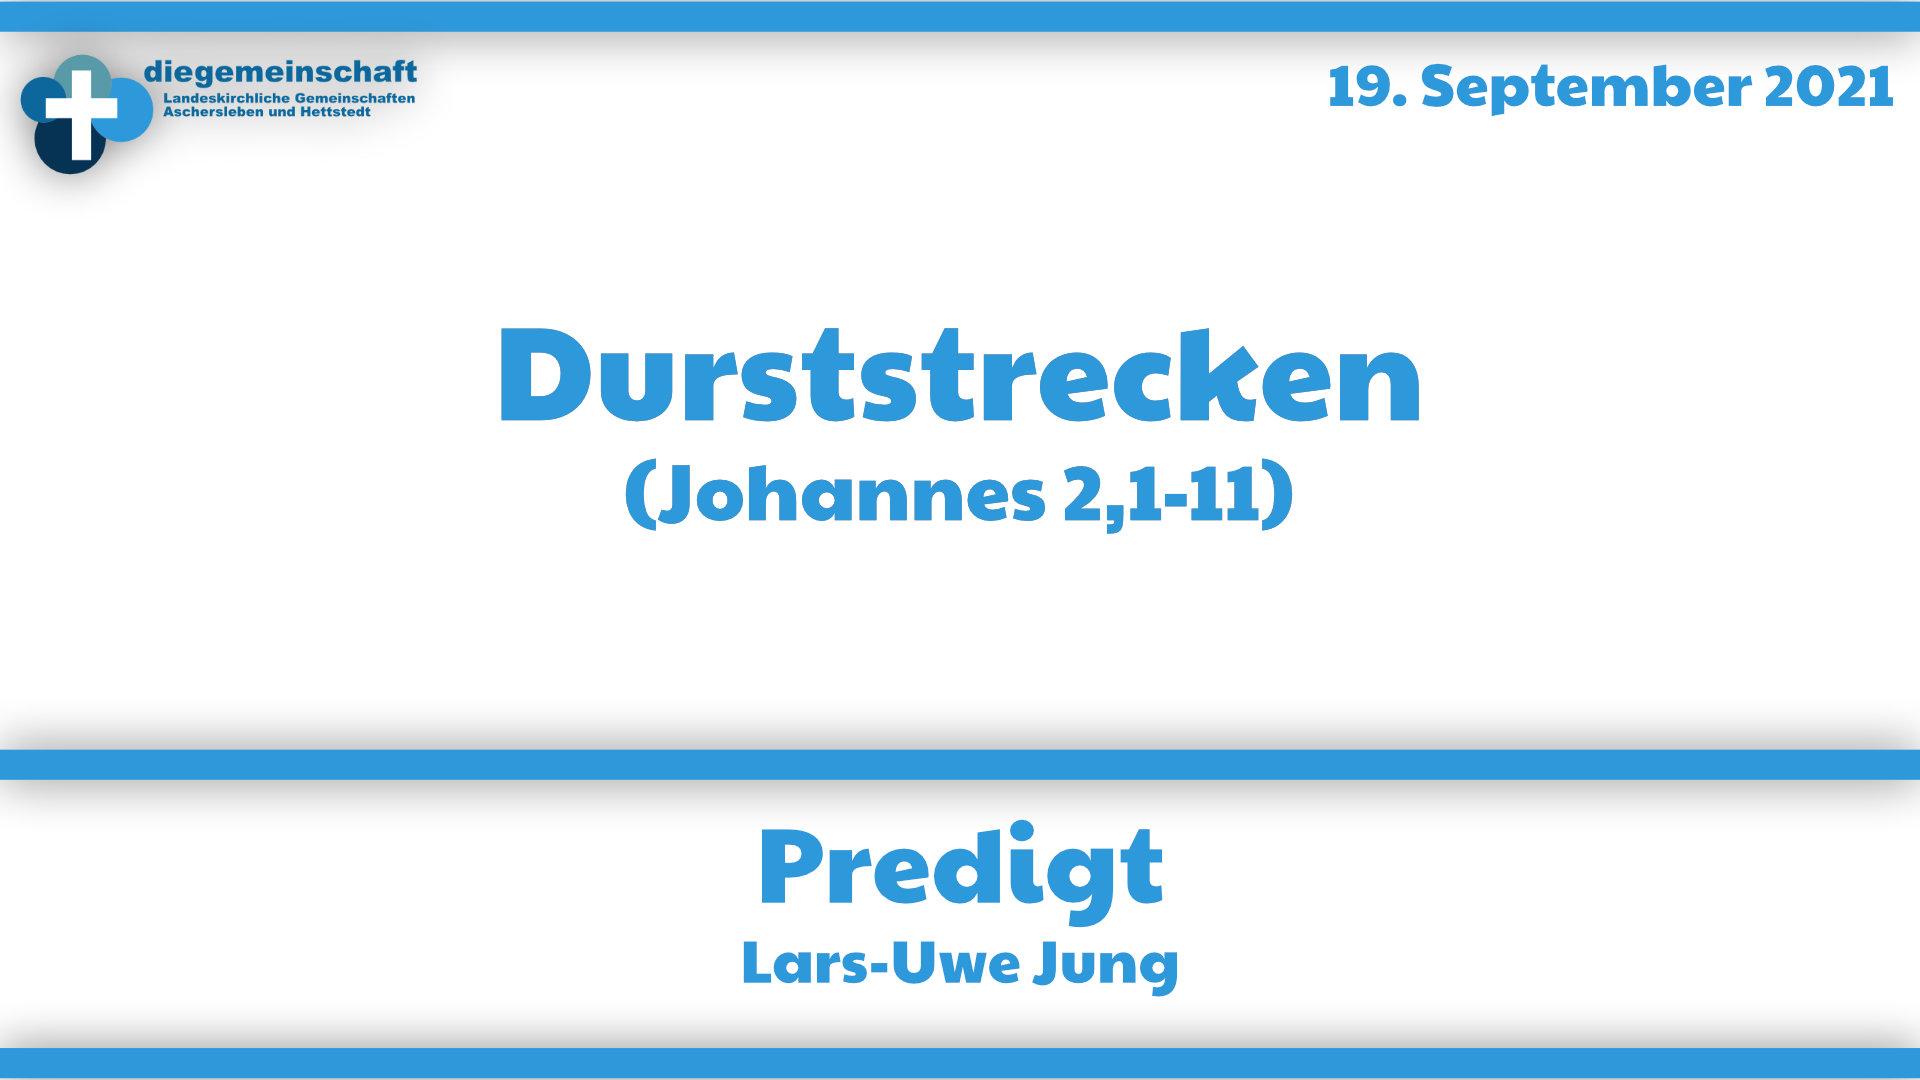 Durststrecken (JOhannes 2,1-11)